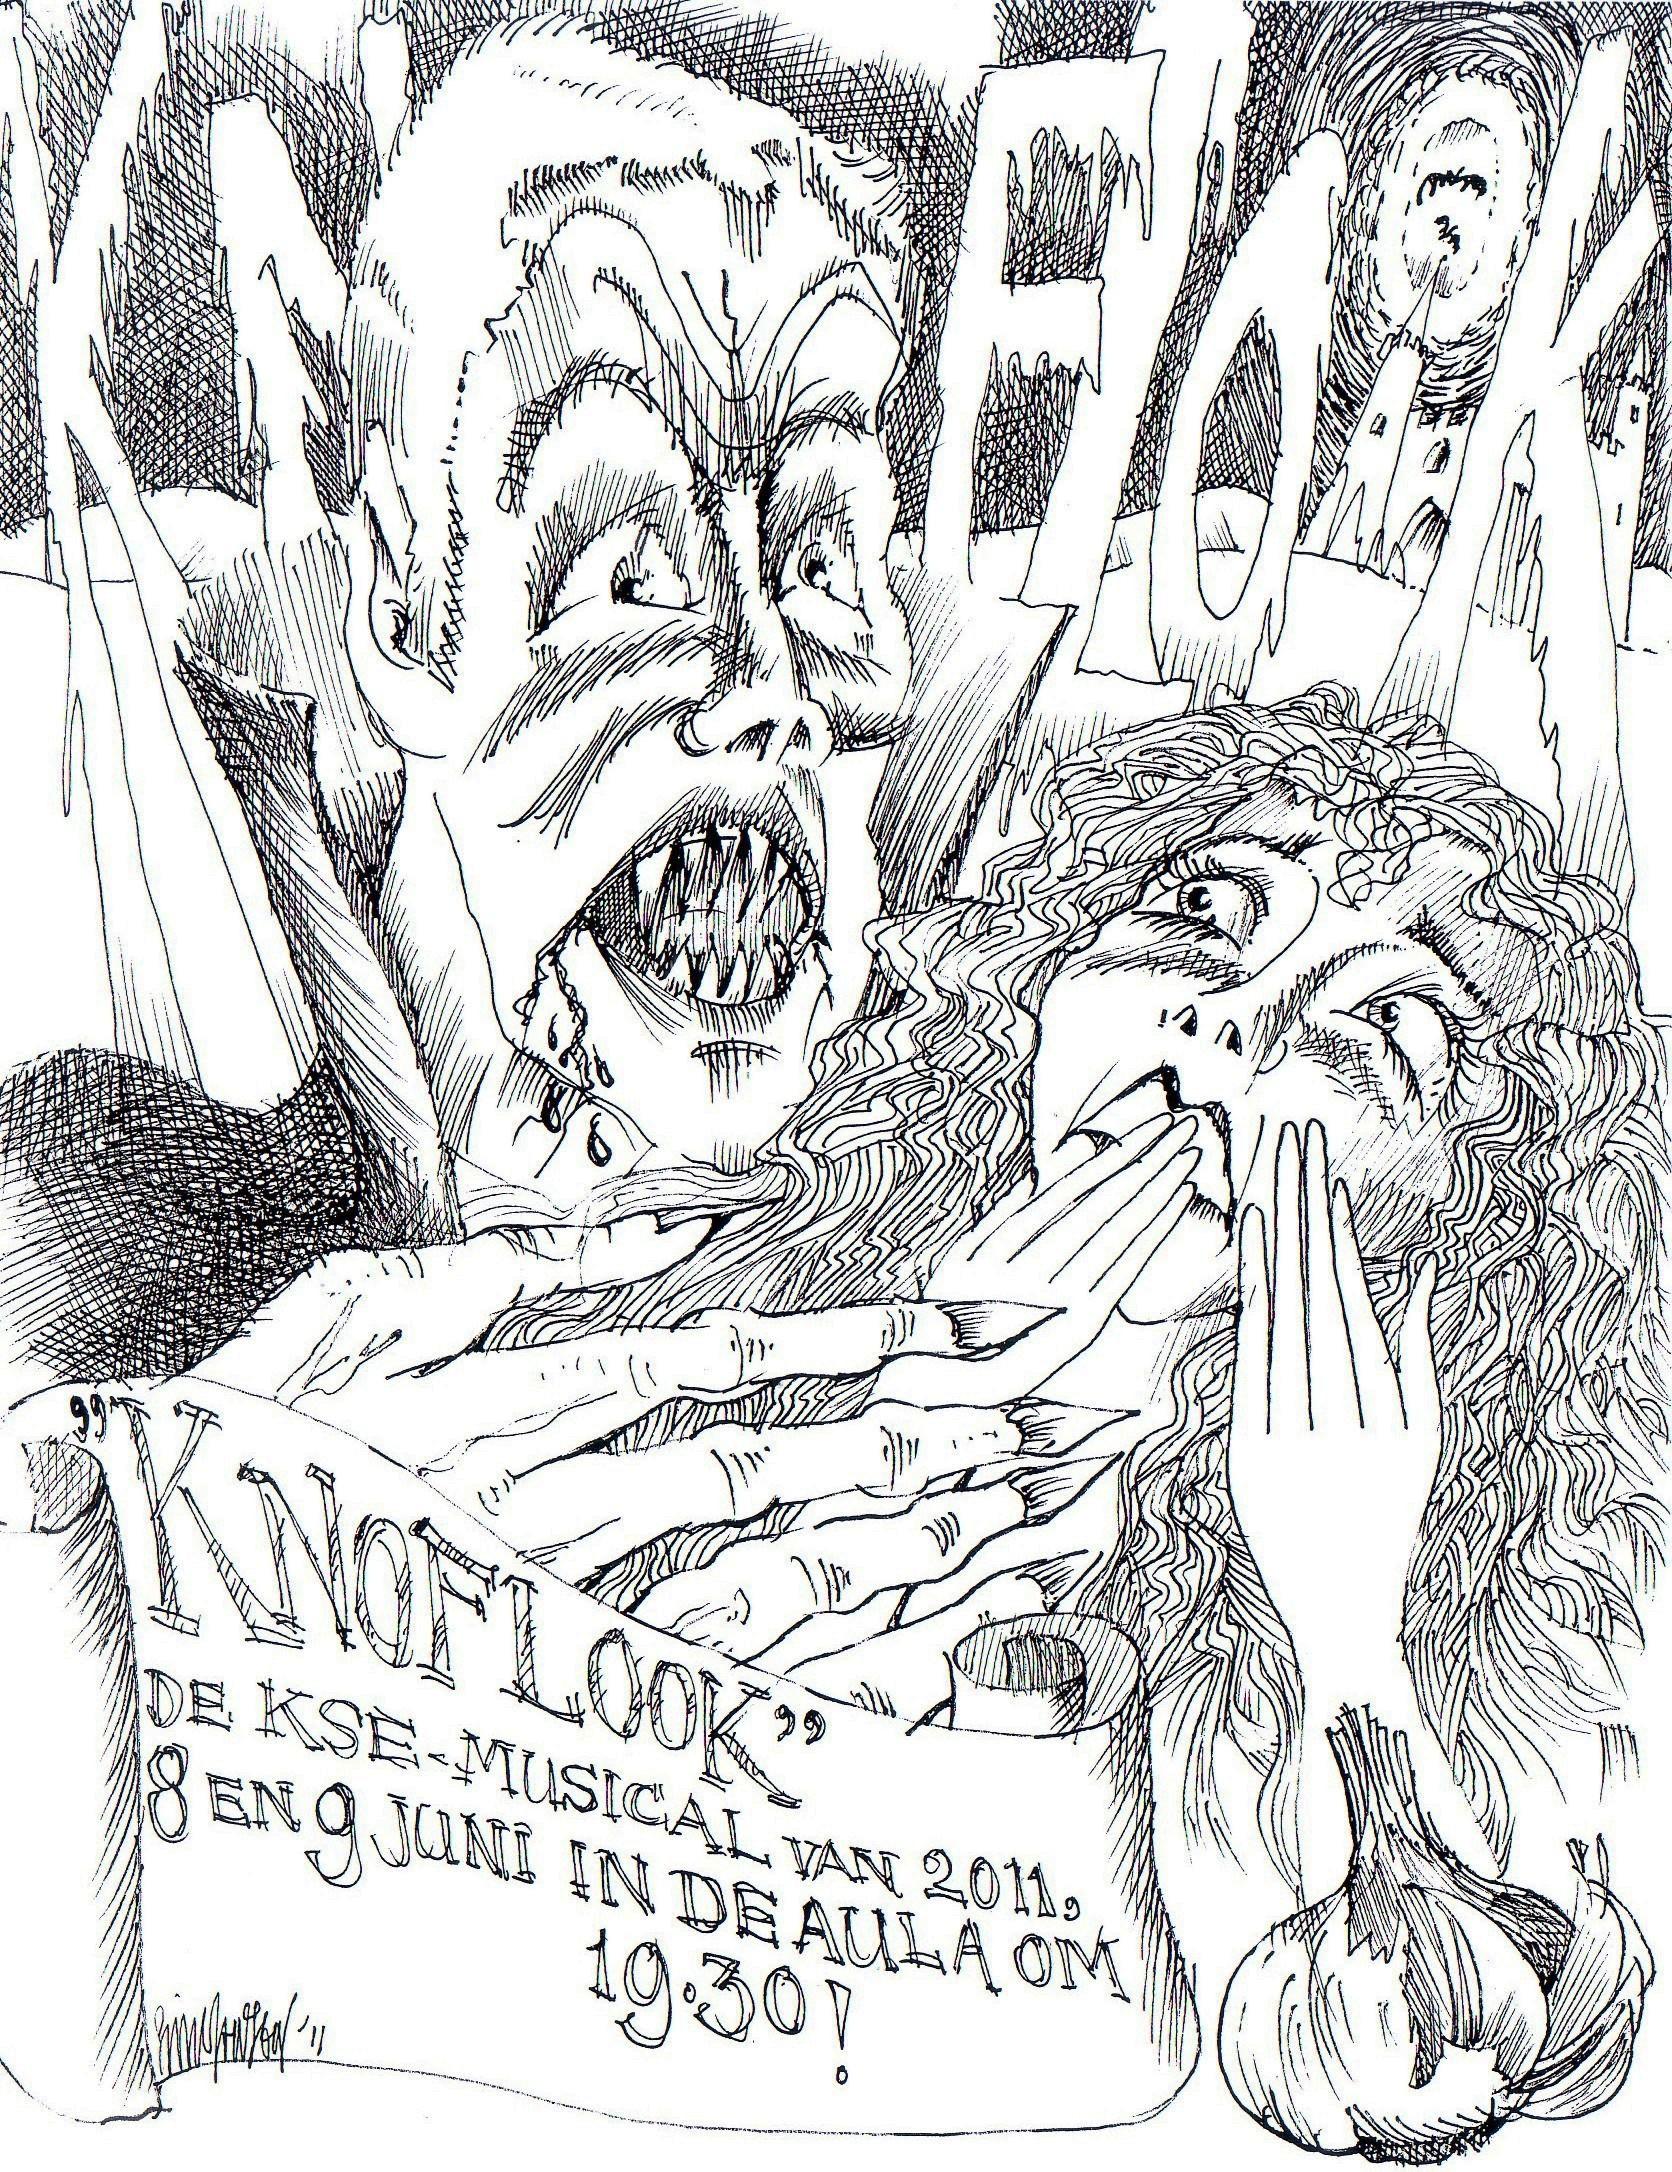 Affiche voor Knoflook